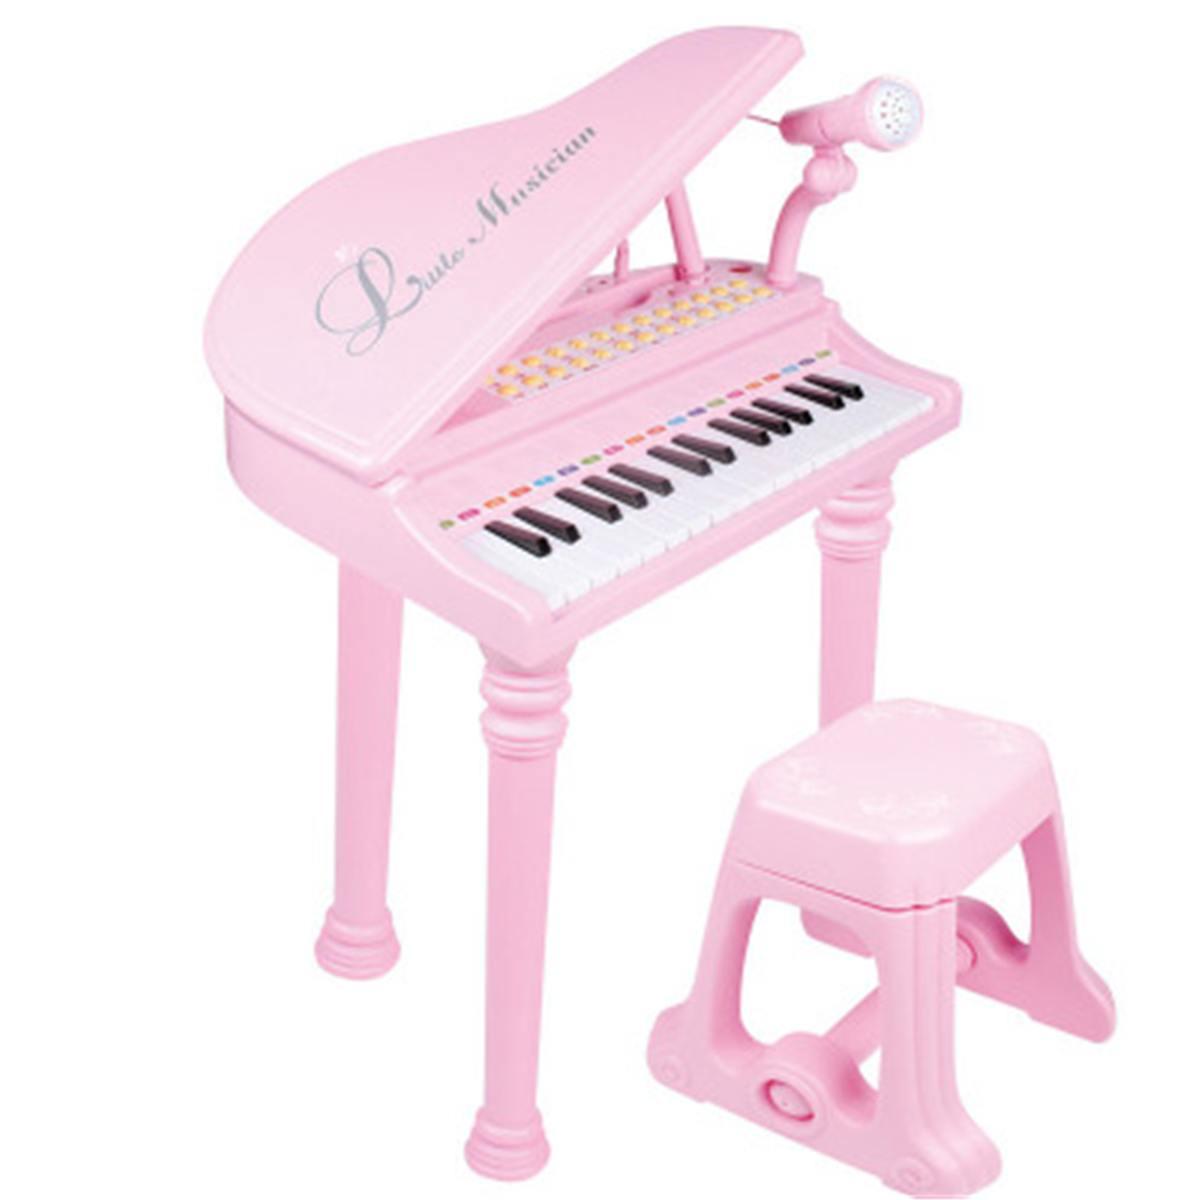 31 touches enfants Piano jouets clavier électronique Piano lumière Microphone apprentissage jouets Instrument de musique enfants cadeau 3 couleurs